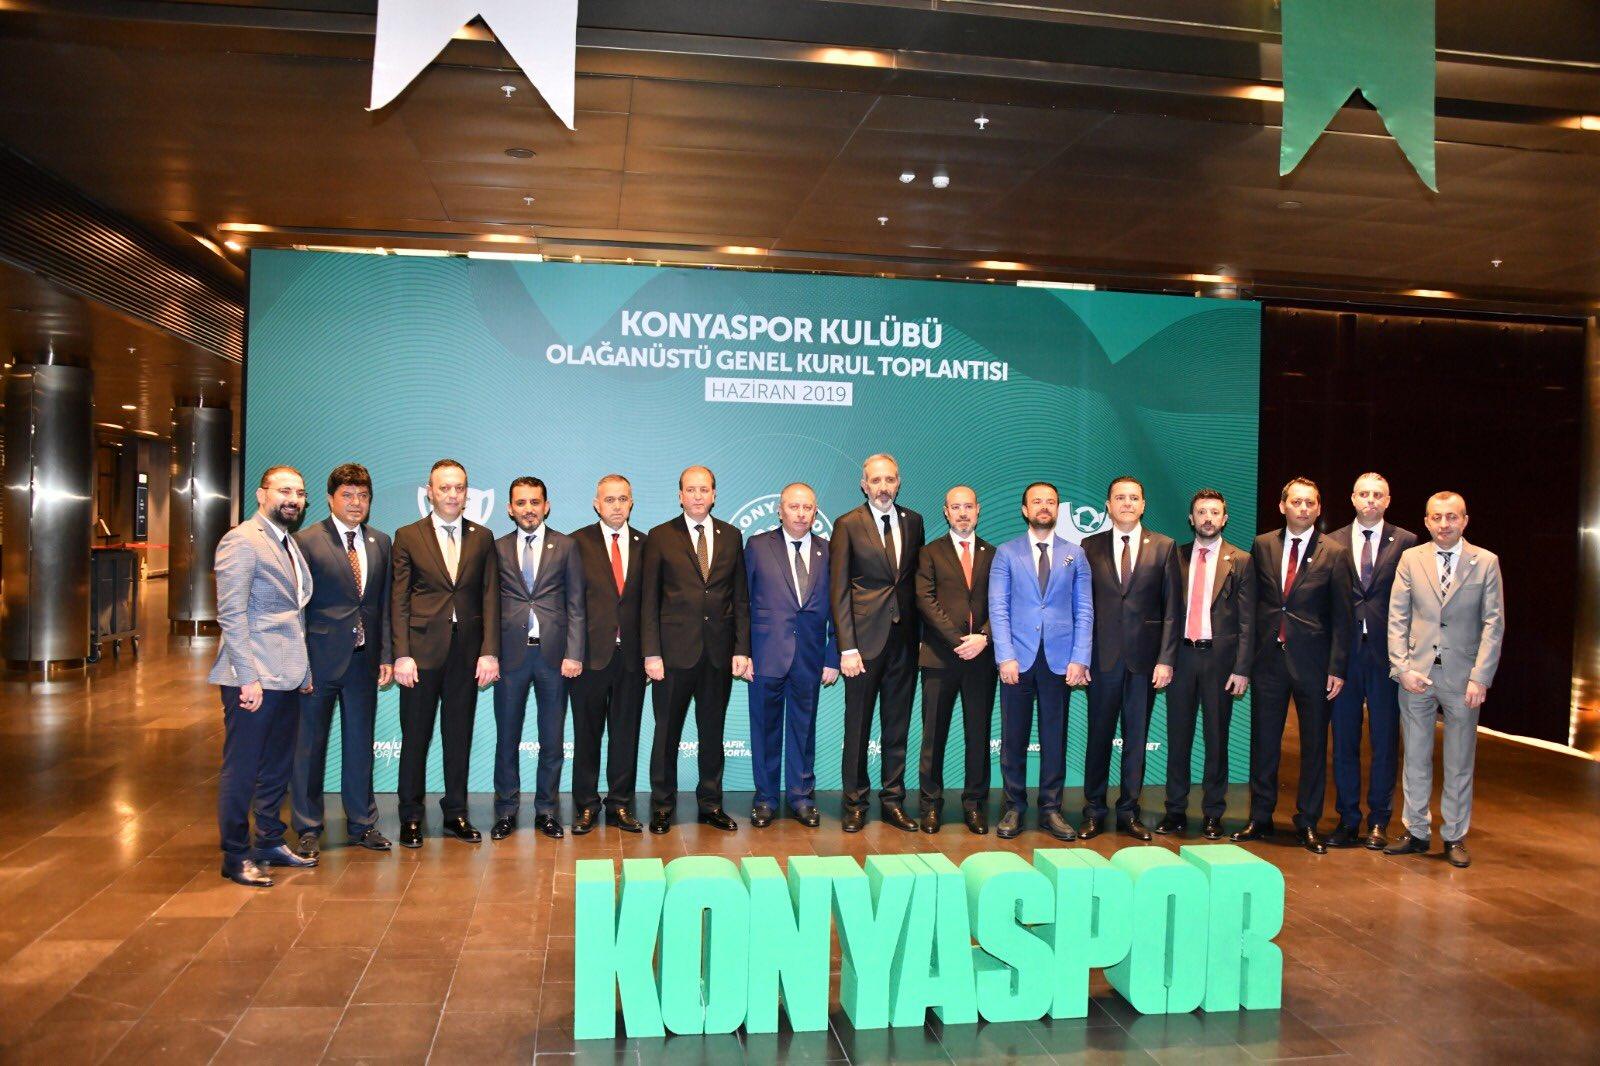 Konyaspor'da görev dağılımı yapıldı